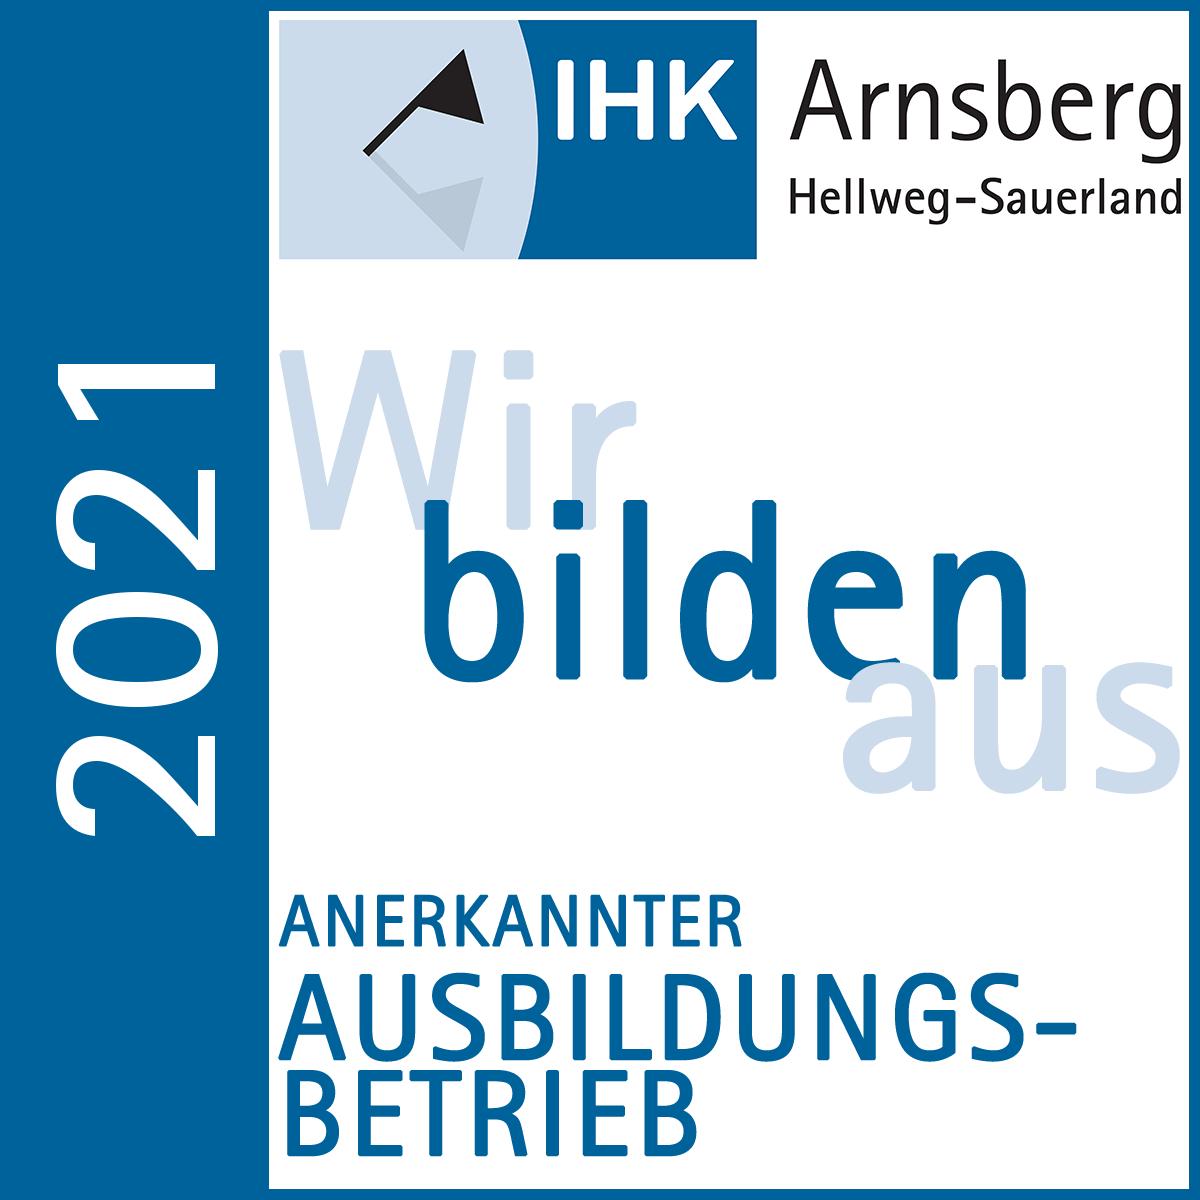 Anerkannter_Ausbildungsbetrieb_1200_2021_36241